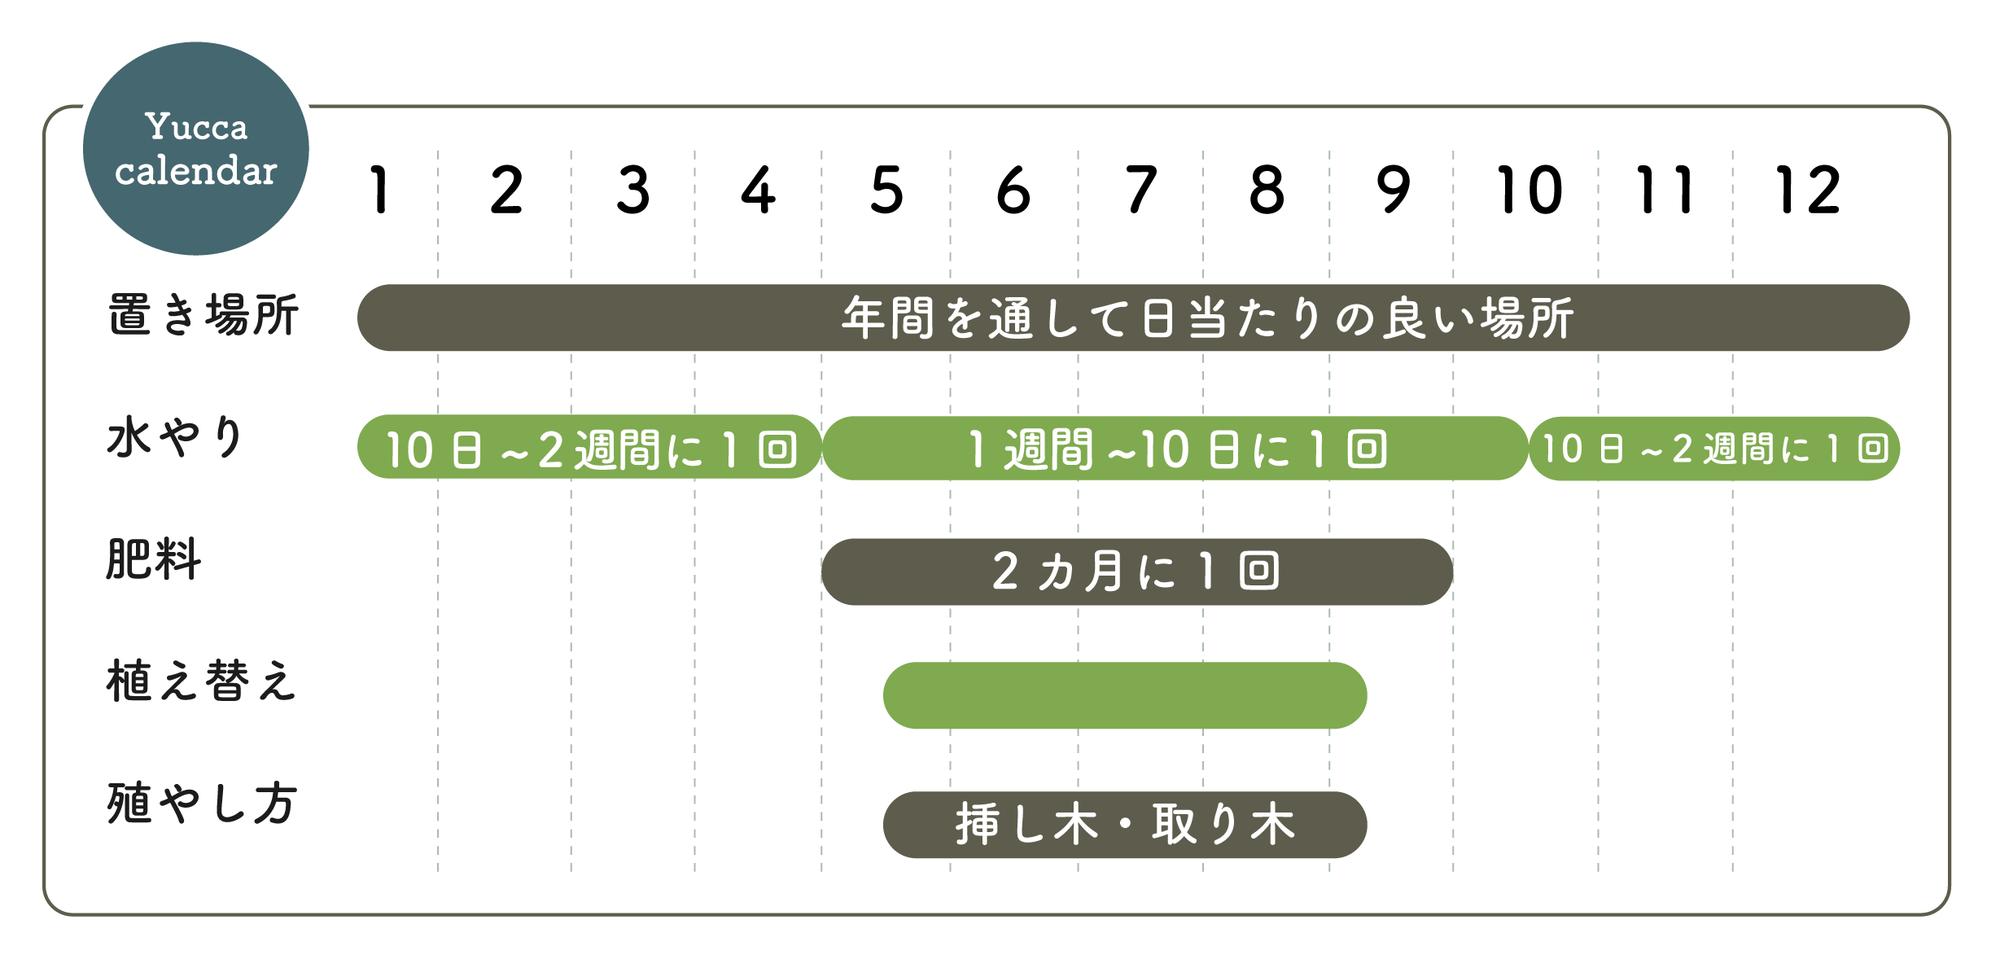 ユッカ栽培カレンダー